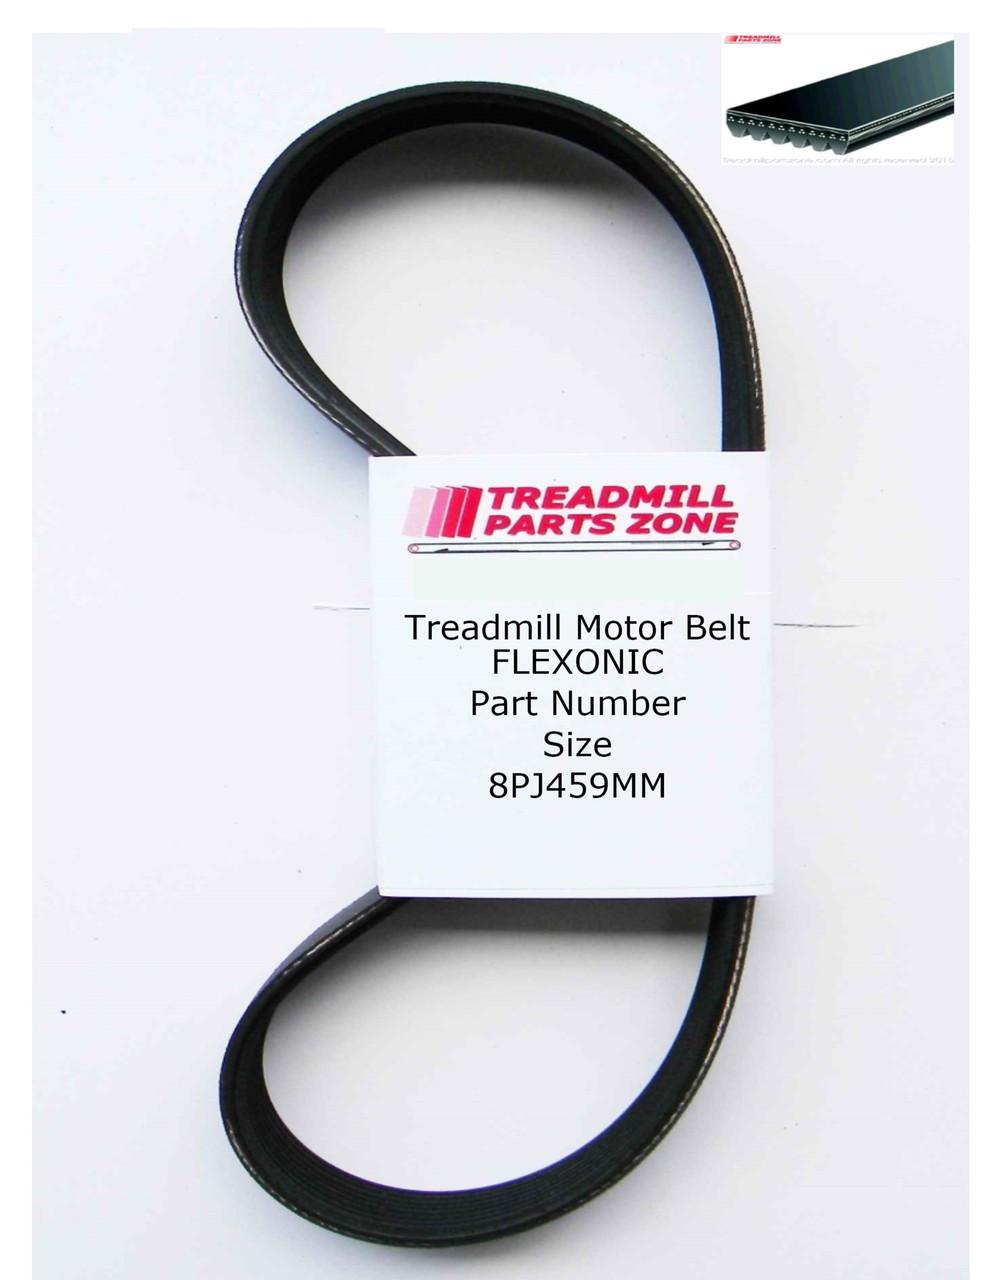 Treadmill Motor Belt Flexonic Part Number 8PJ459MM